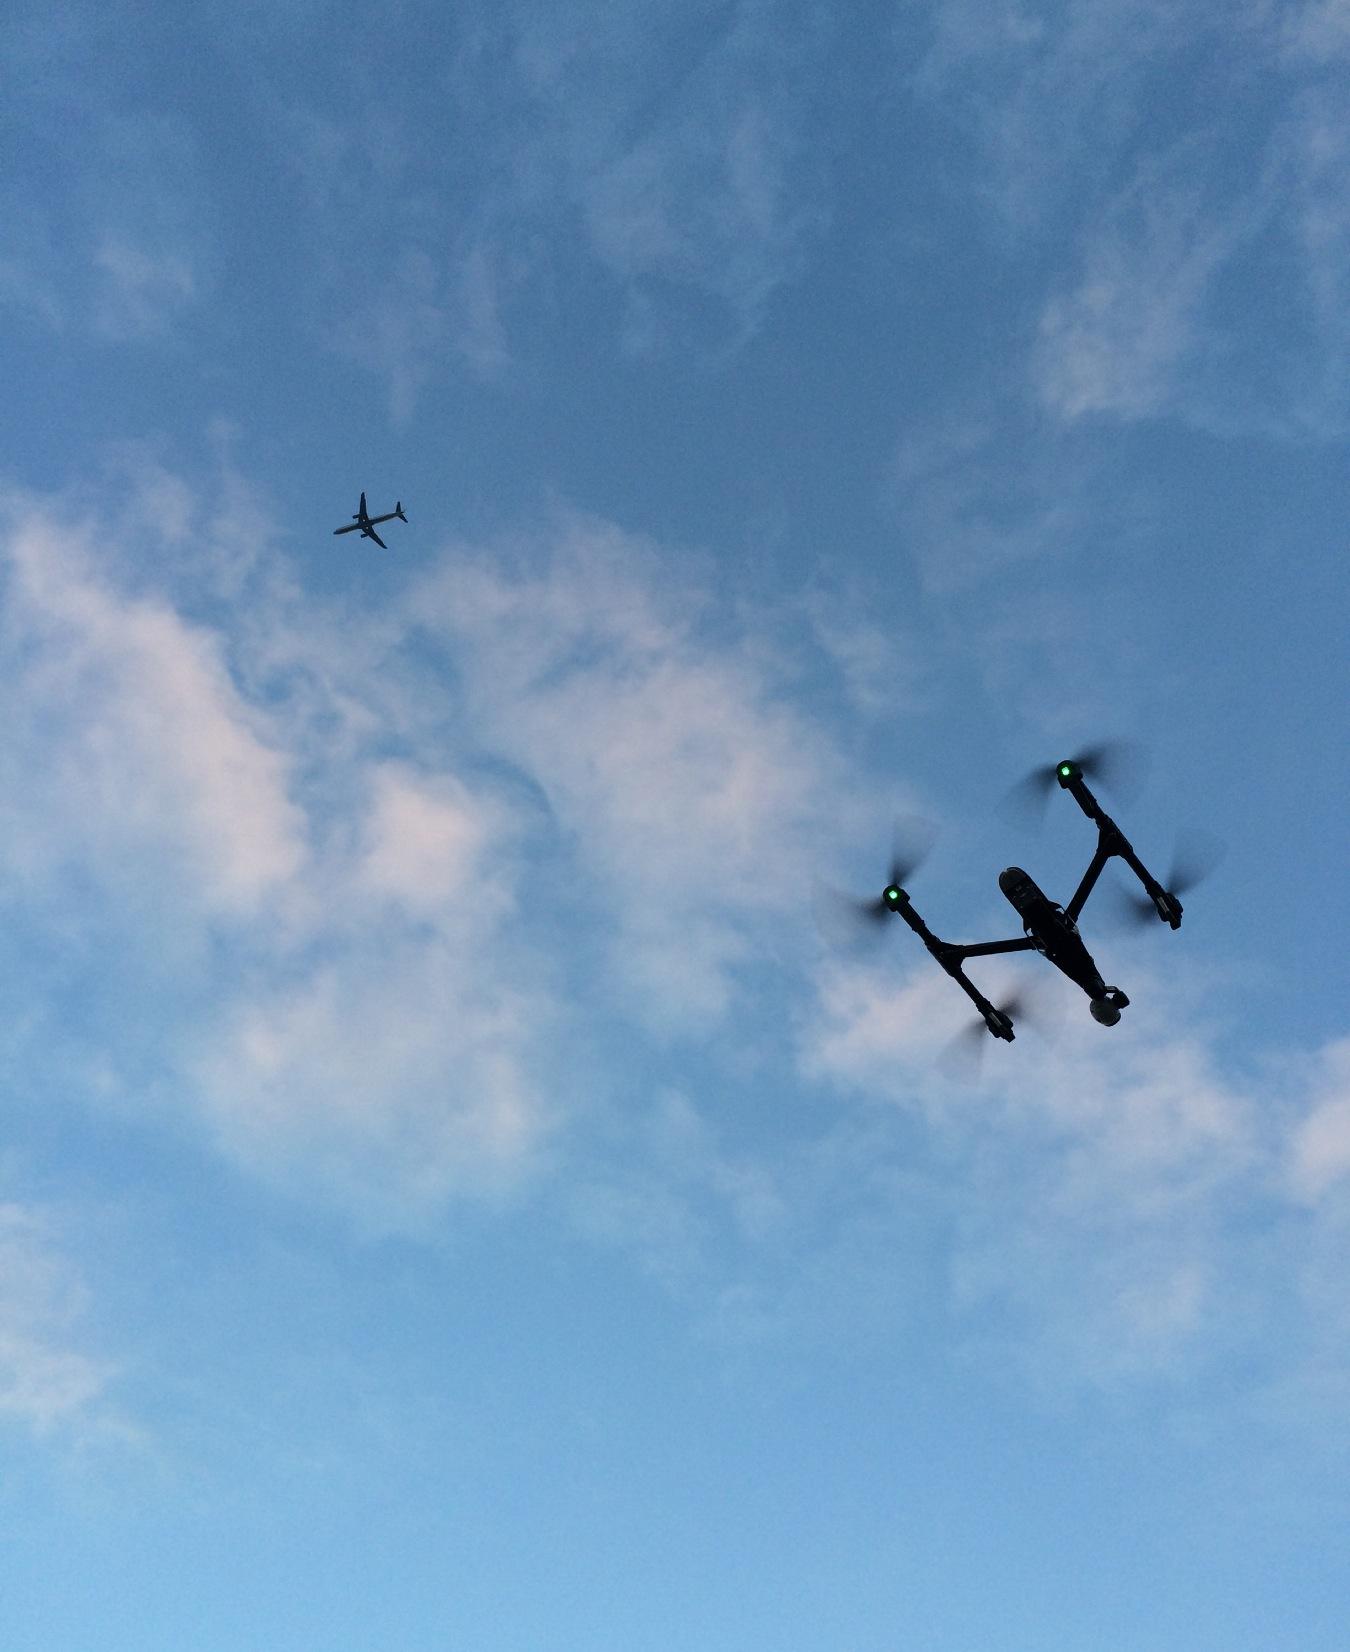 大飞机和小飞机,很危险